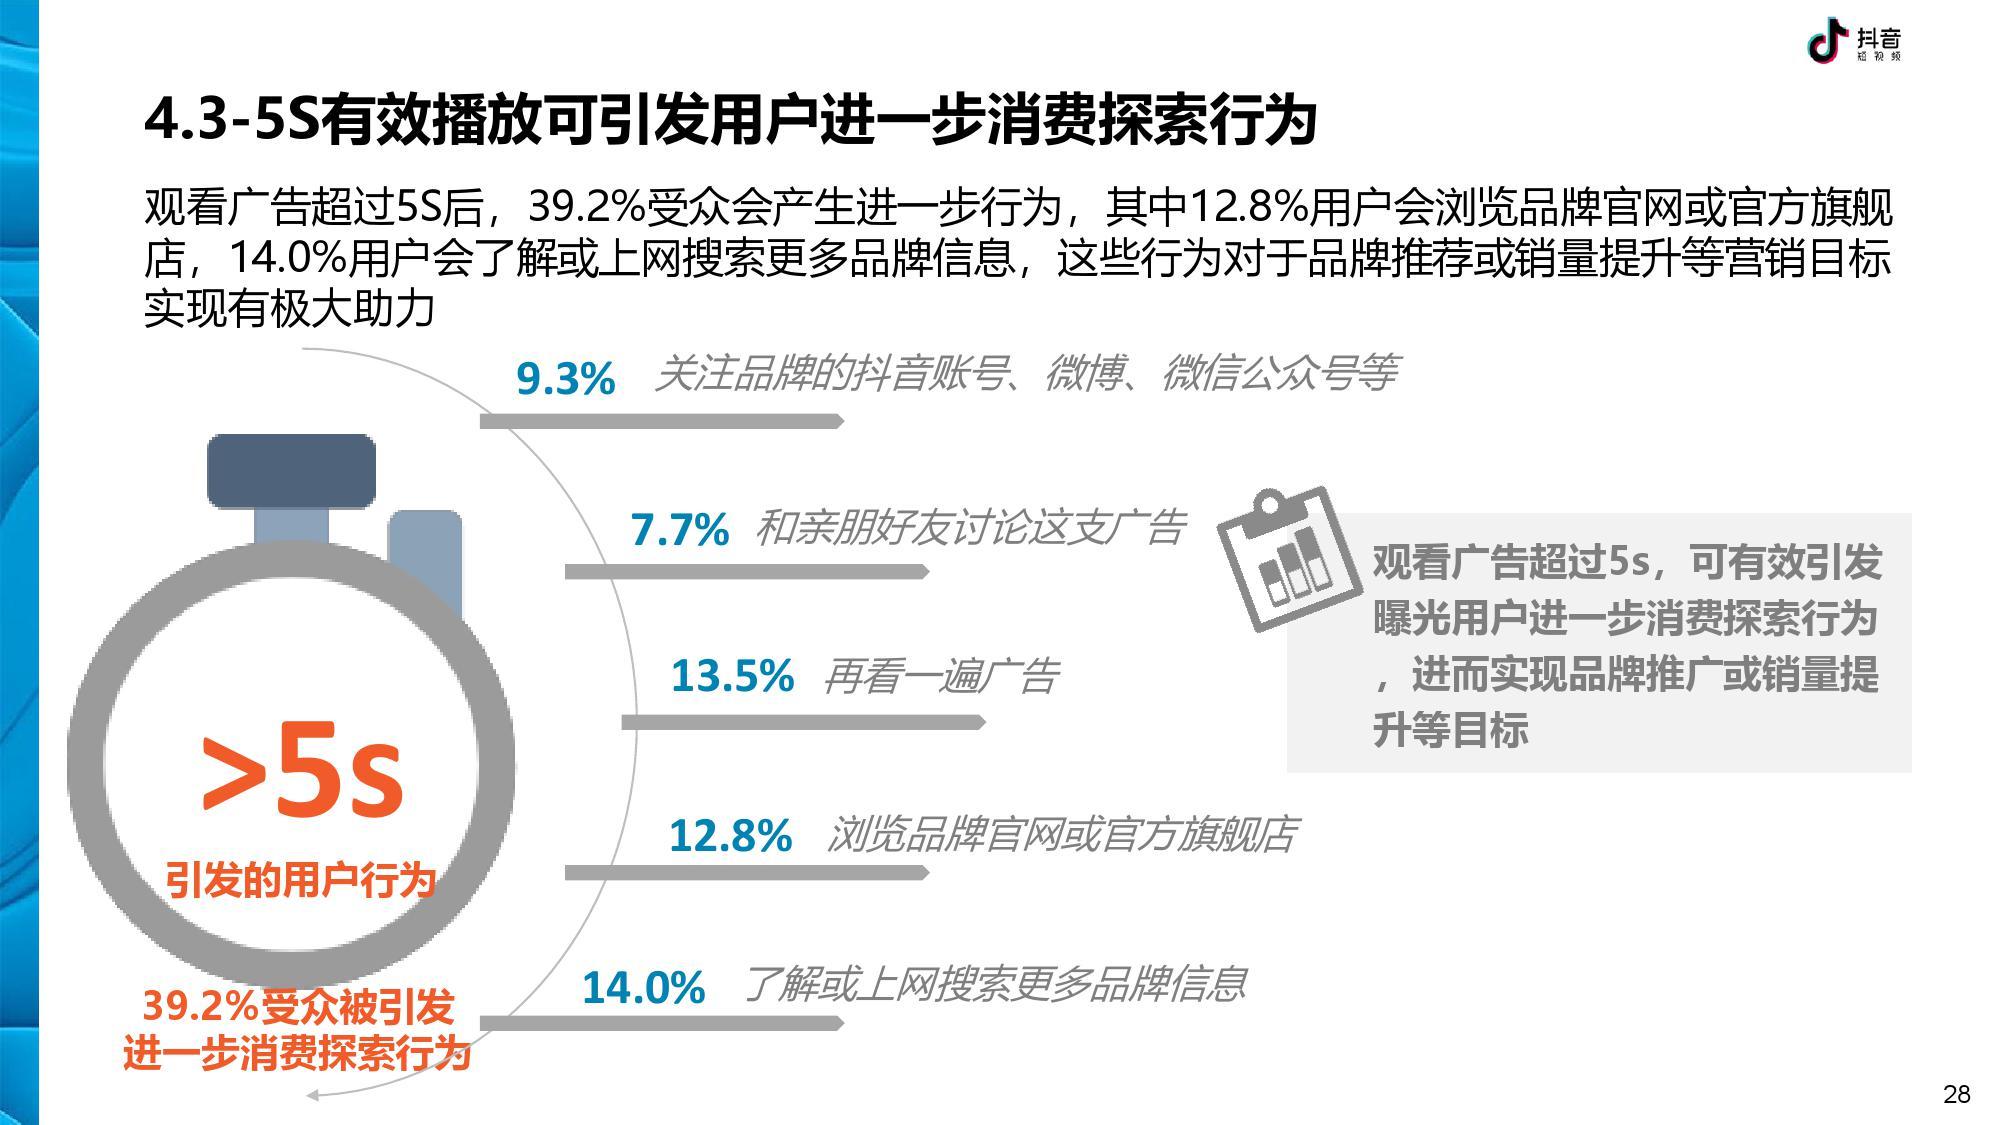 抖音 DTV 广告营销价值白皮书-CNMOAD 中文移动营销资讯 28